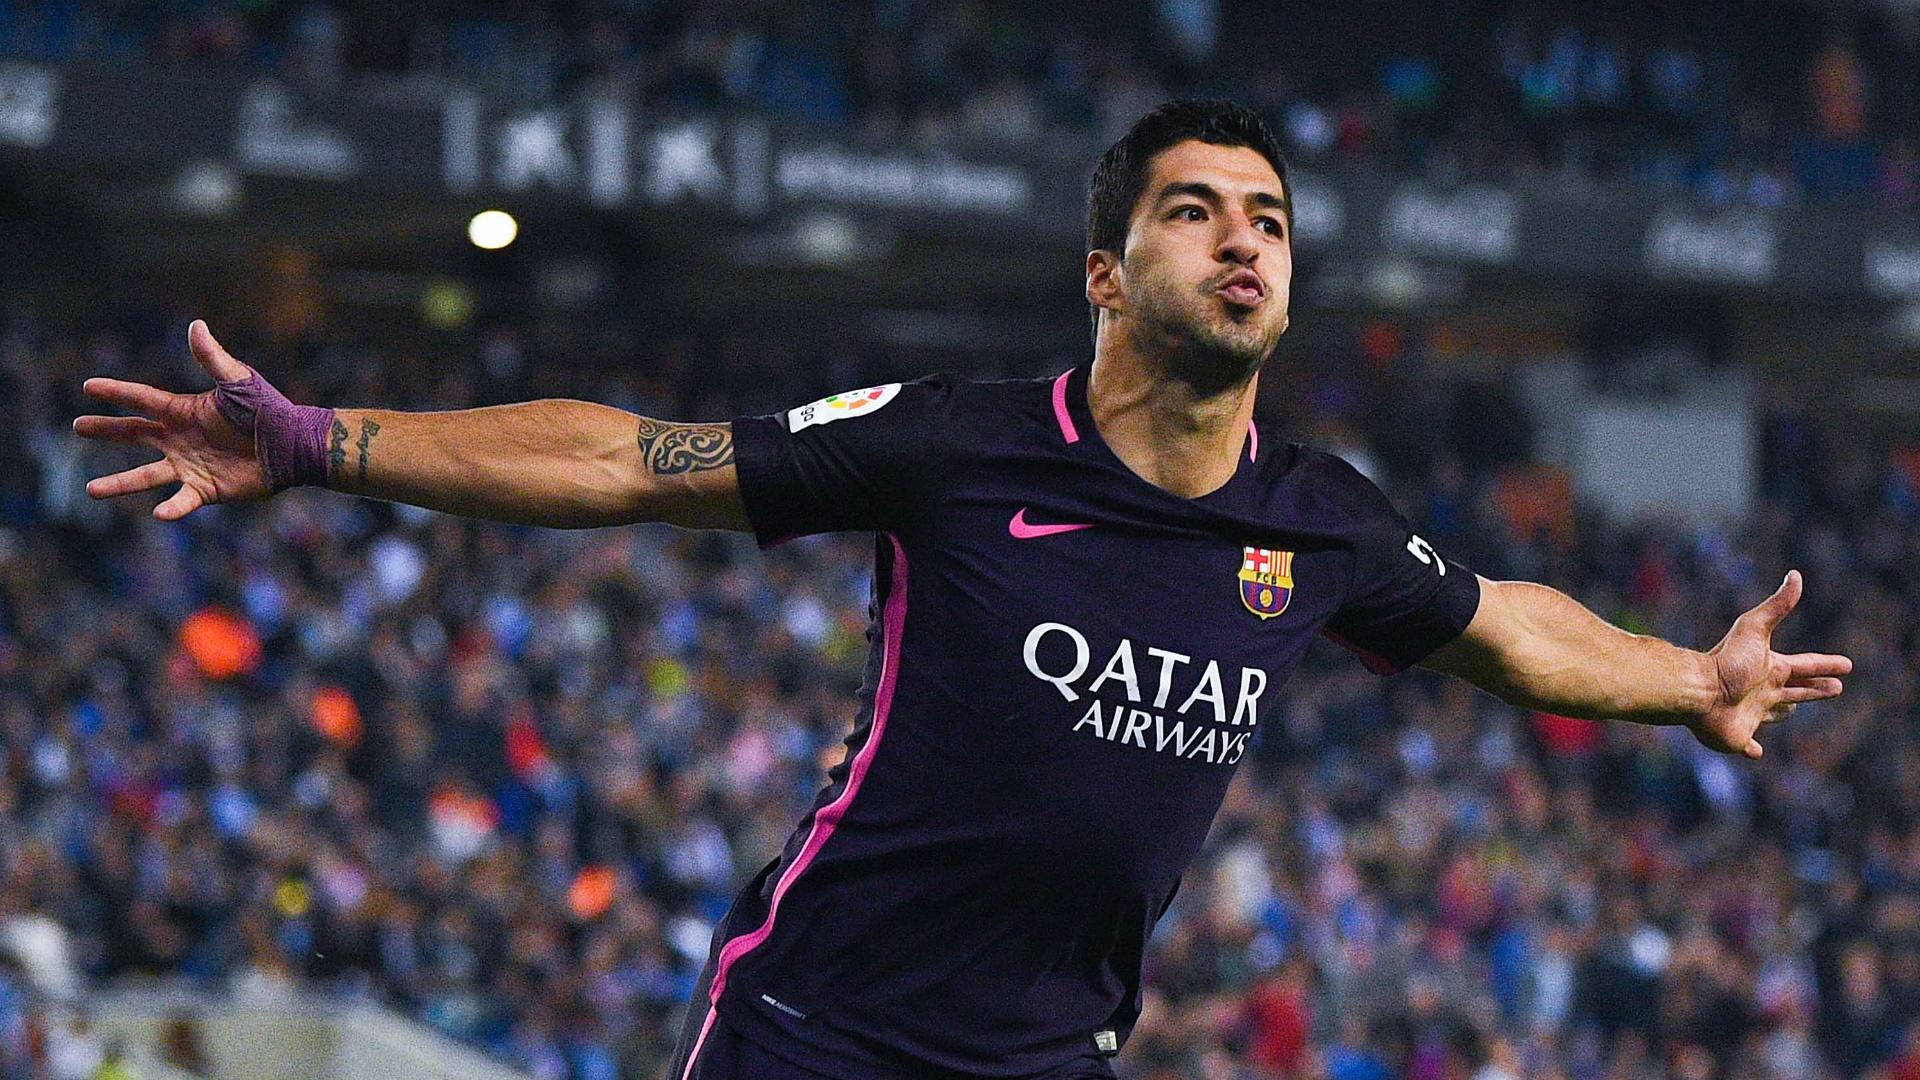 Campeonato Espanhol: onde assistir Espanyol x Barcelona, ao vivo grátis e online